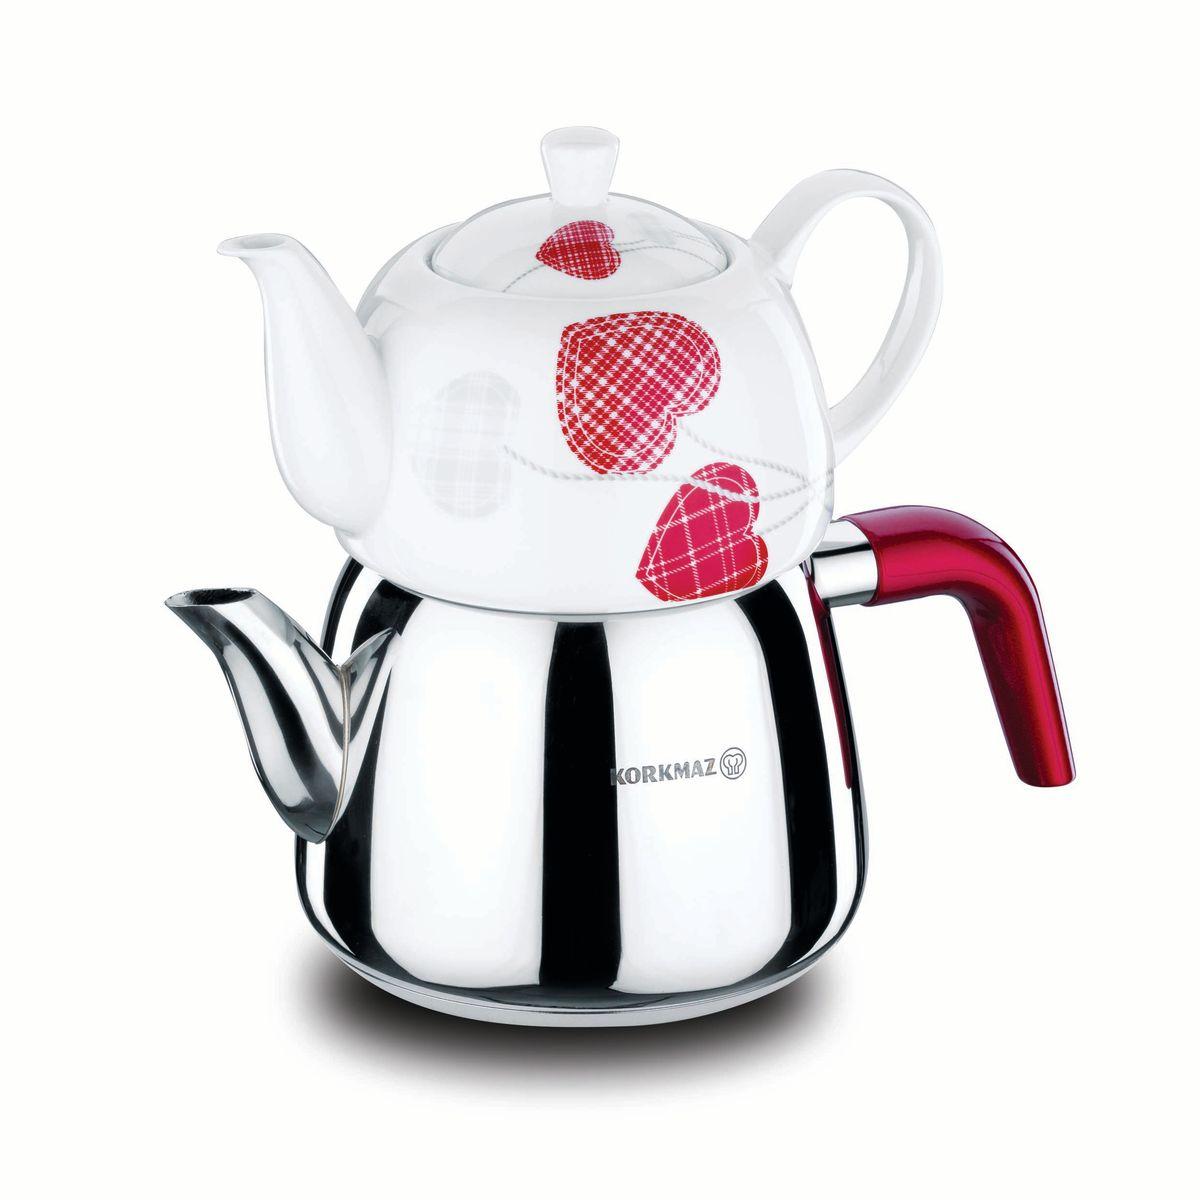 Чайная пара Korkmaz Bonjour: чайник, заварник, цвет: металлик, белый, красный. А067А067Чайная пара Korkmaz Bonjour  состоит из чайника и заварника с крышкой. Чайник изготовлен из высокопрочной хромо-никелевой нержавеющей стали марки 18/10. Инкапсулированное толстое дно, обеспечивающее наилучшее распределение и сохранение тепла. Благодаря нанесению специальной системы Solar base на дно посуды, тепло максимально быстро распространяется от центра к краям, позволяя значительно сэкономить время и энергию при готовке. Заварник изготовлен из фарфора с дизайнерским рисунком и оснащен крышкой. Чайник и заварник оснащены эргономичными ручками особого дизайна, предохраняющие руки от ожогов. Особо закругленный носик чайника позволяет не проливаться каплям при окончании розлива. Потрясающе красивый дизайн, сочетающий блеск стали и белоснежность фарфора. Отполированная до блеска поверхность длительное время сохраняет яркость. Для компактного хранения заварник ставится сверху на чайник. Можно мыть в посудомоечной машине. Во время мытья не...